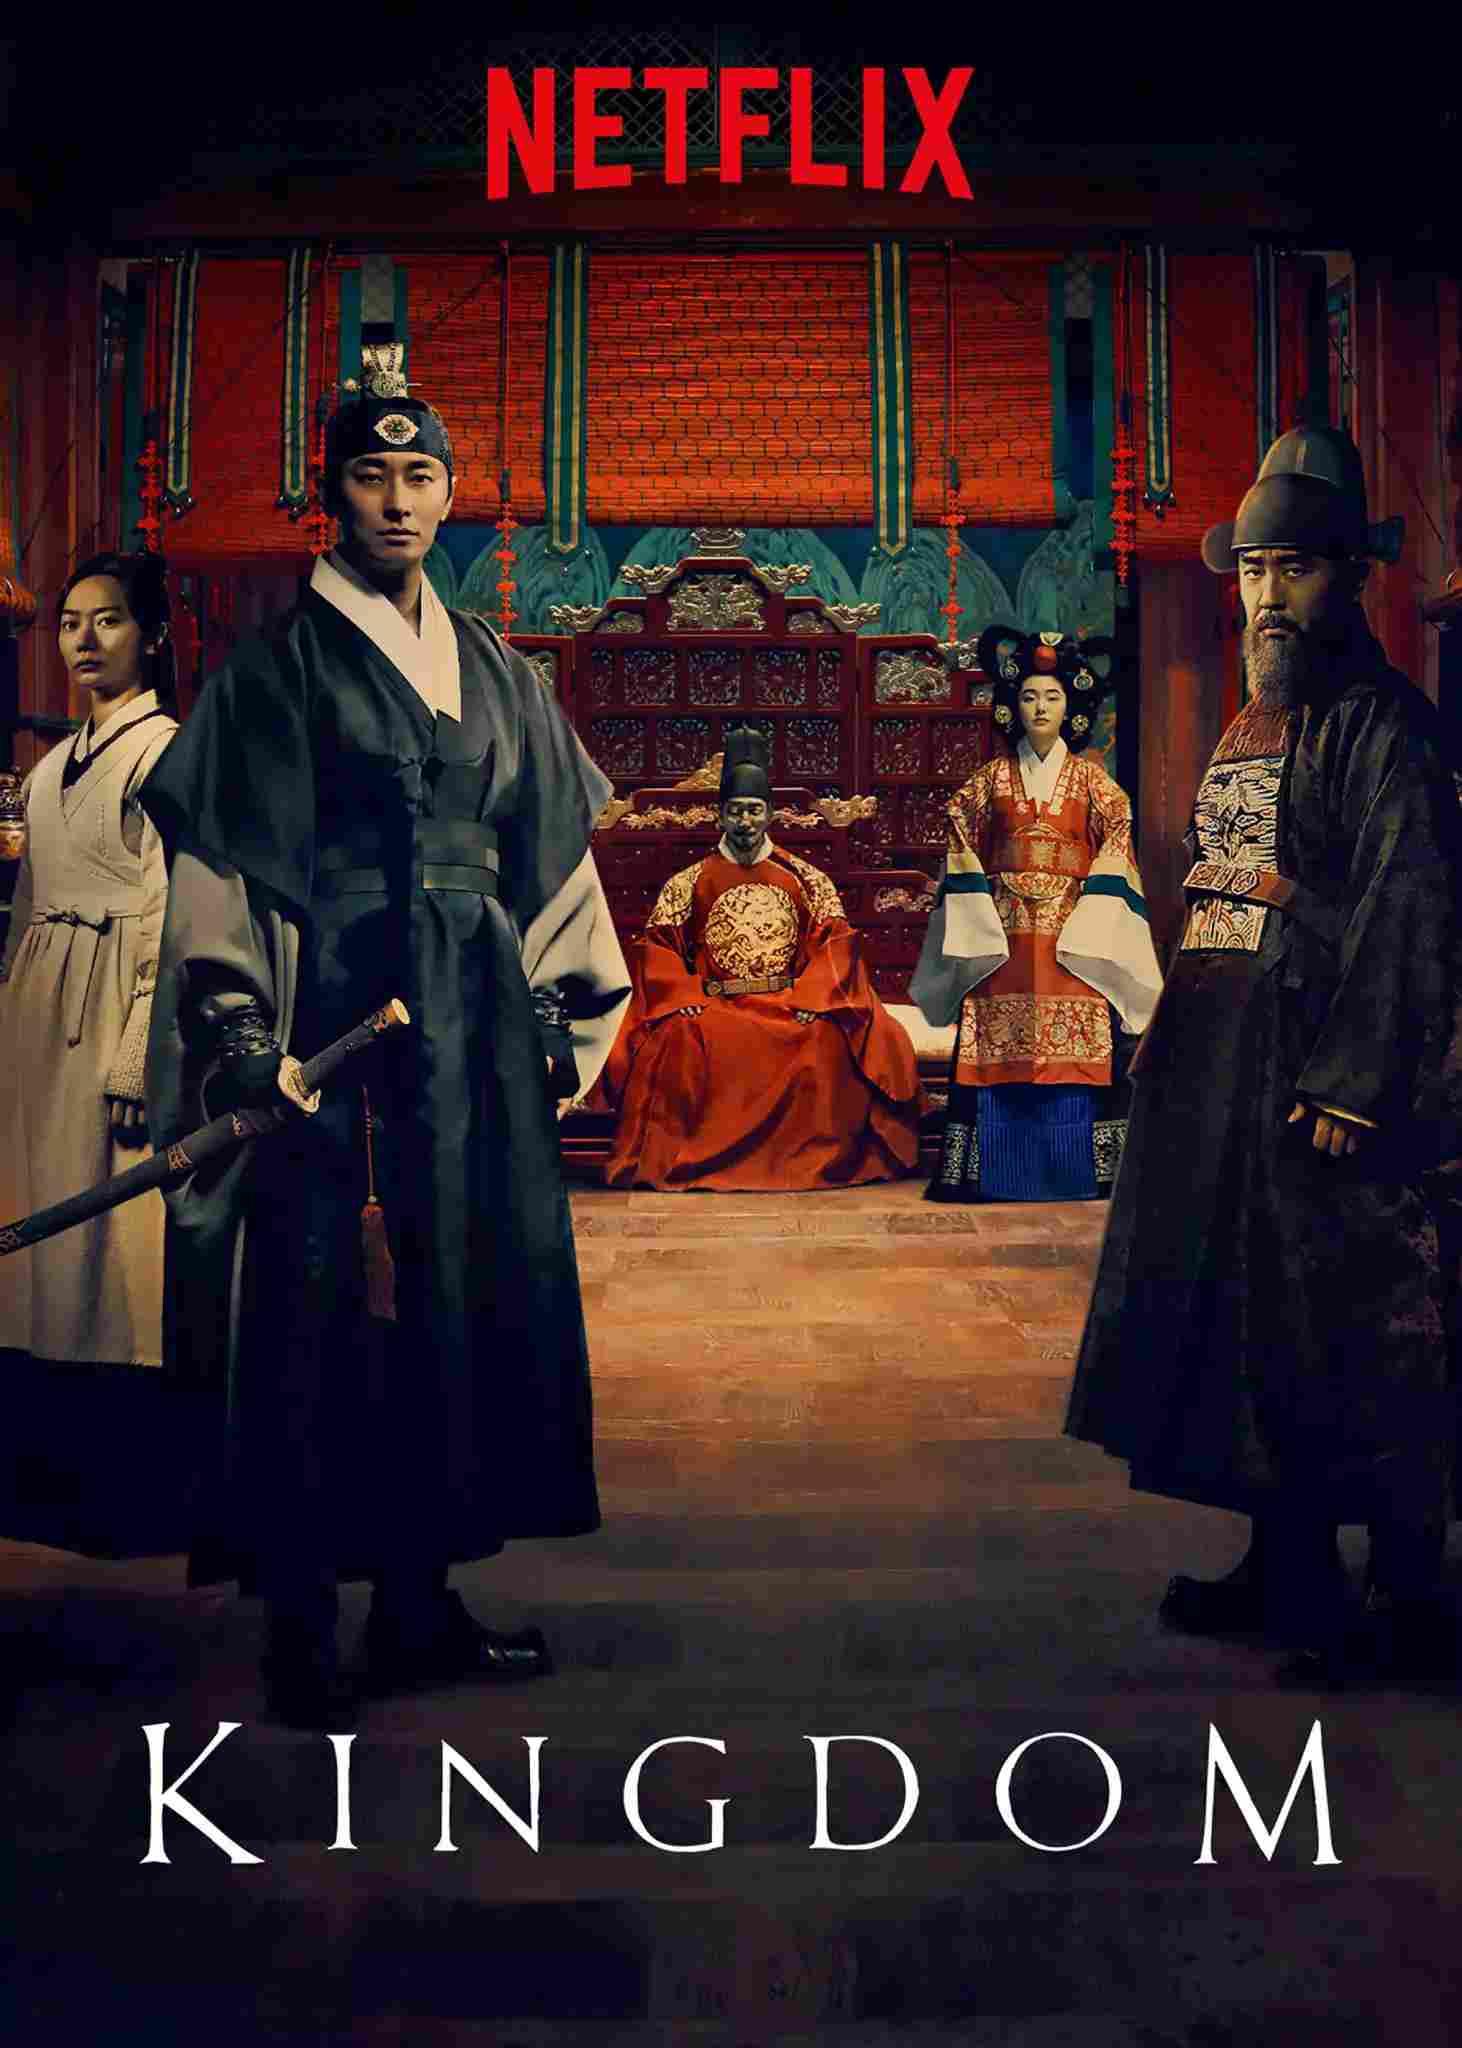 ดูหนัง Kingdom (2019) ผีดิบคลั่ง บัลลังก์เดือด ดูหนังออนไลน์ฟรี ดูหนังฟรี ดูหนังใหม่ชนโรง หนังใหม่ล่าสุด หนังแอคชั่น หนังผจญภัย หนังแอนนิเมชั่น หนัง HD ได้ที่ movie24x.com